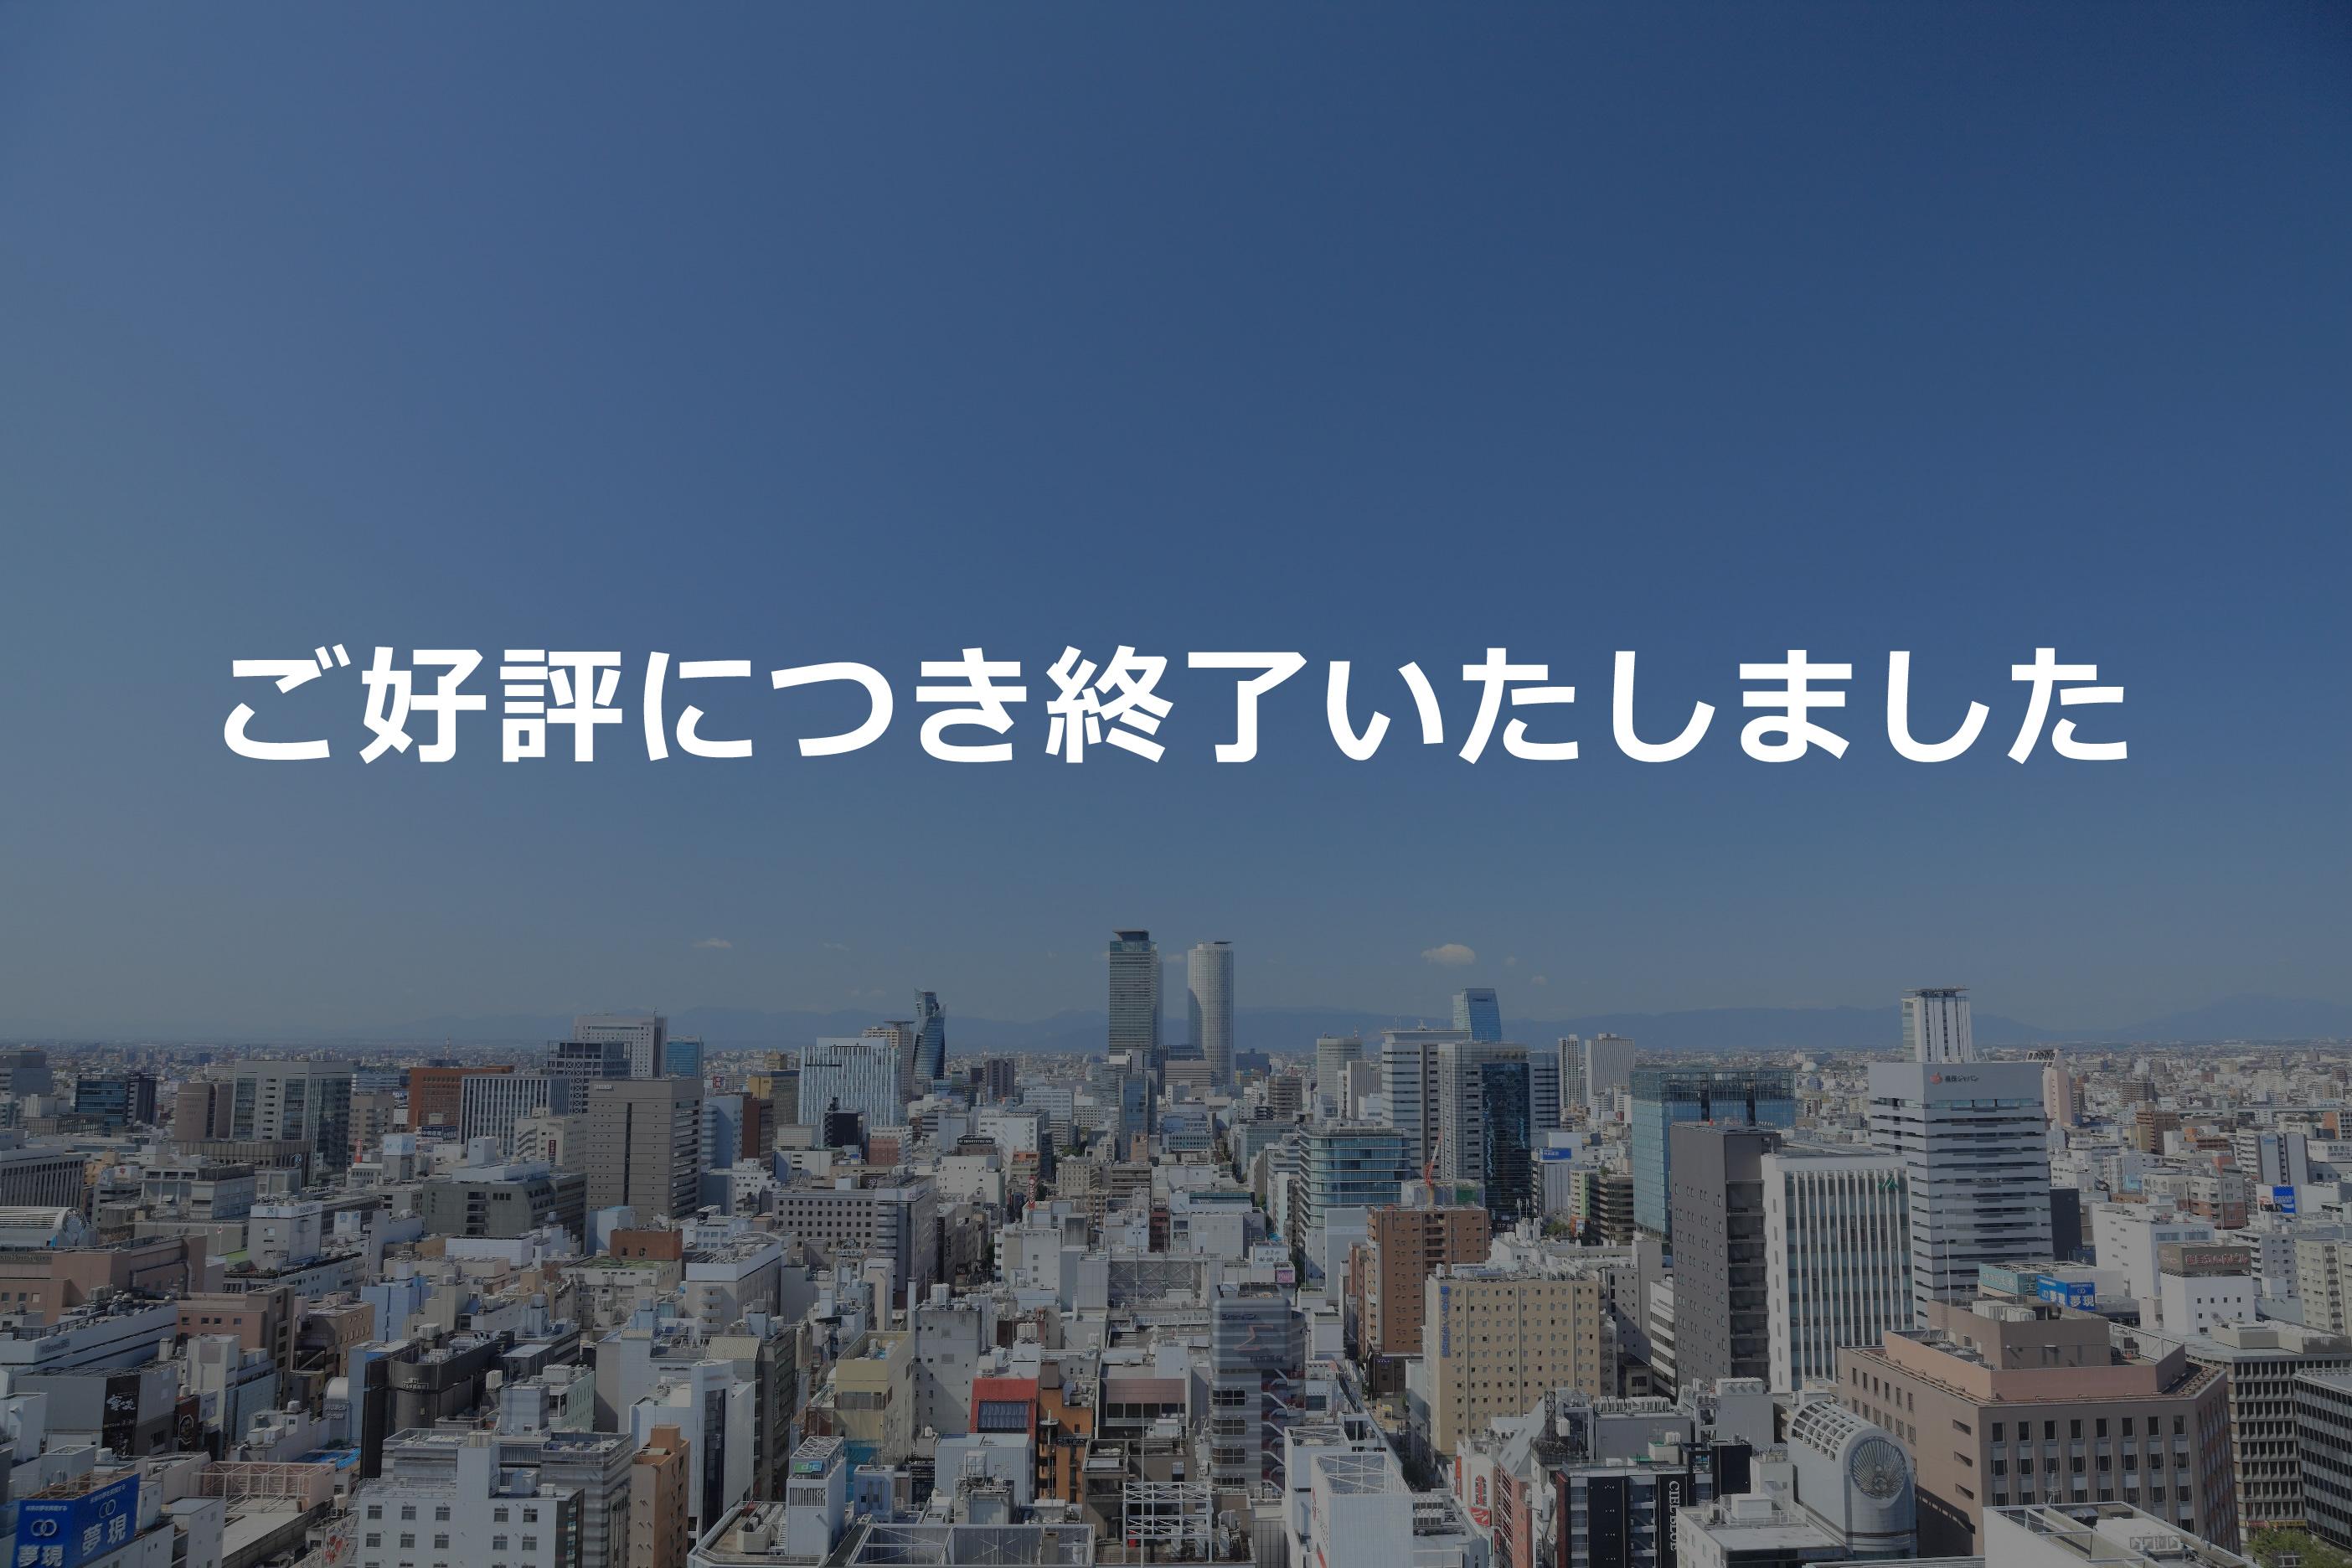 【アイネス協賛セミナー】FIT名古屋フォーラム システムリスク  対策セミナー